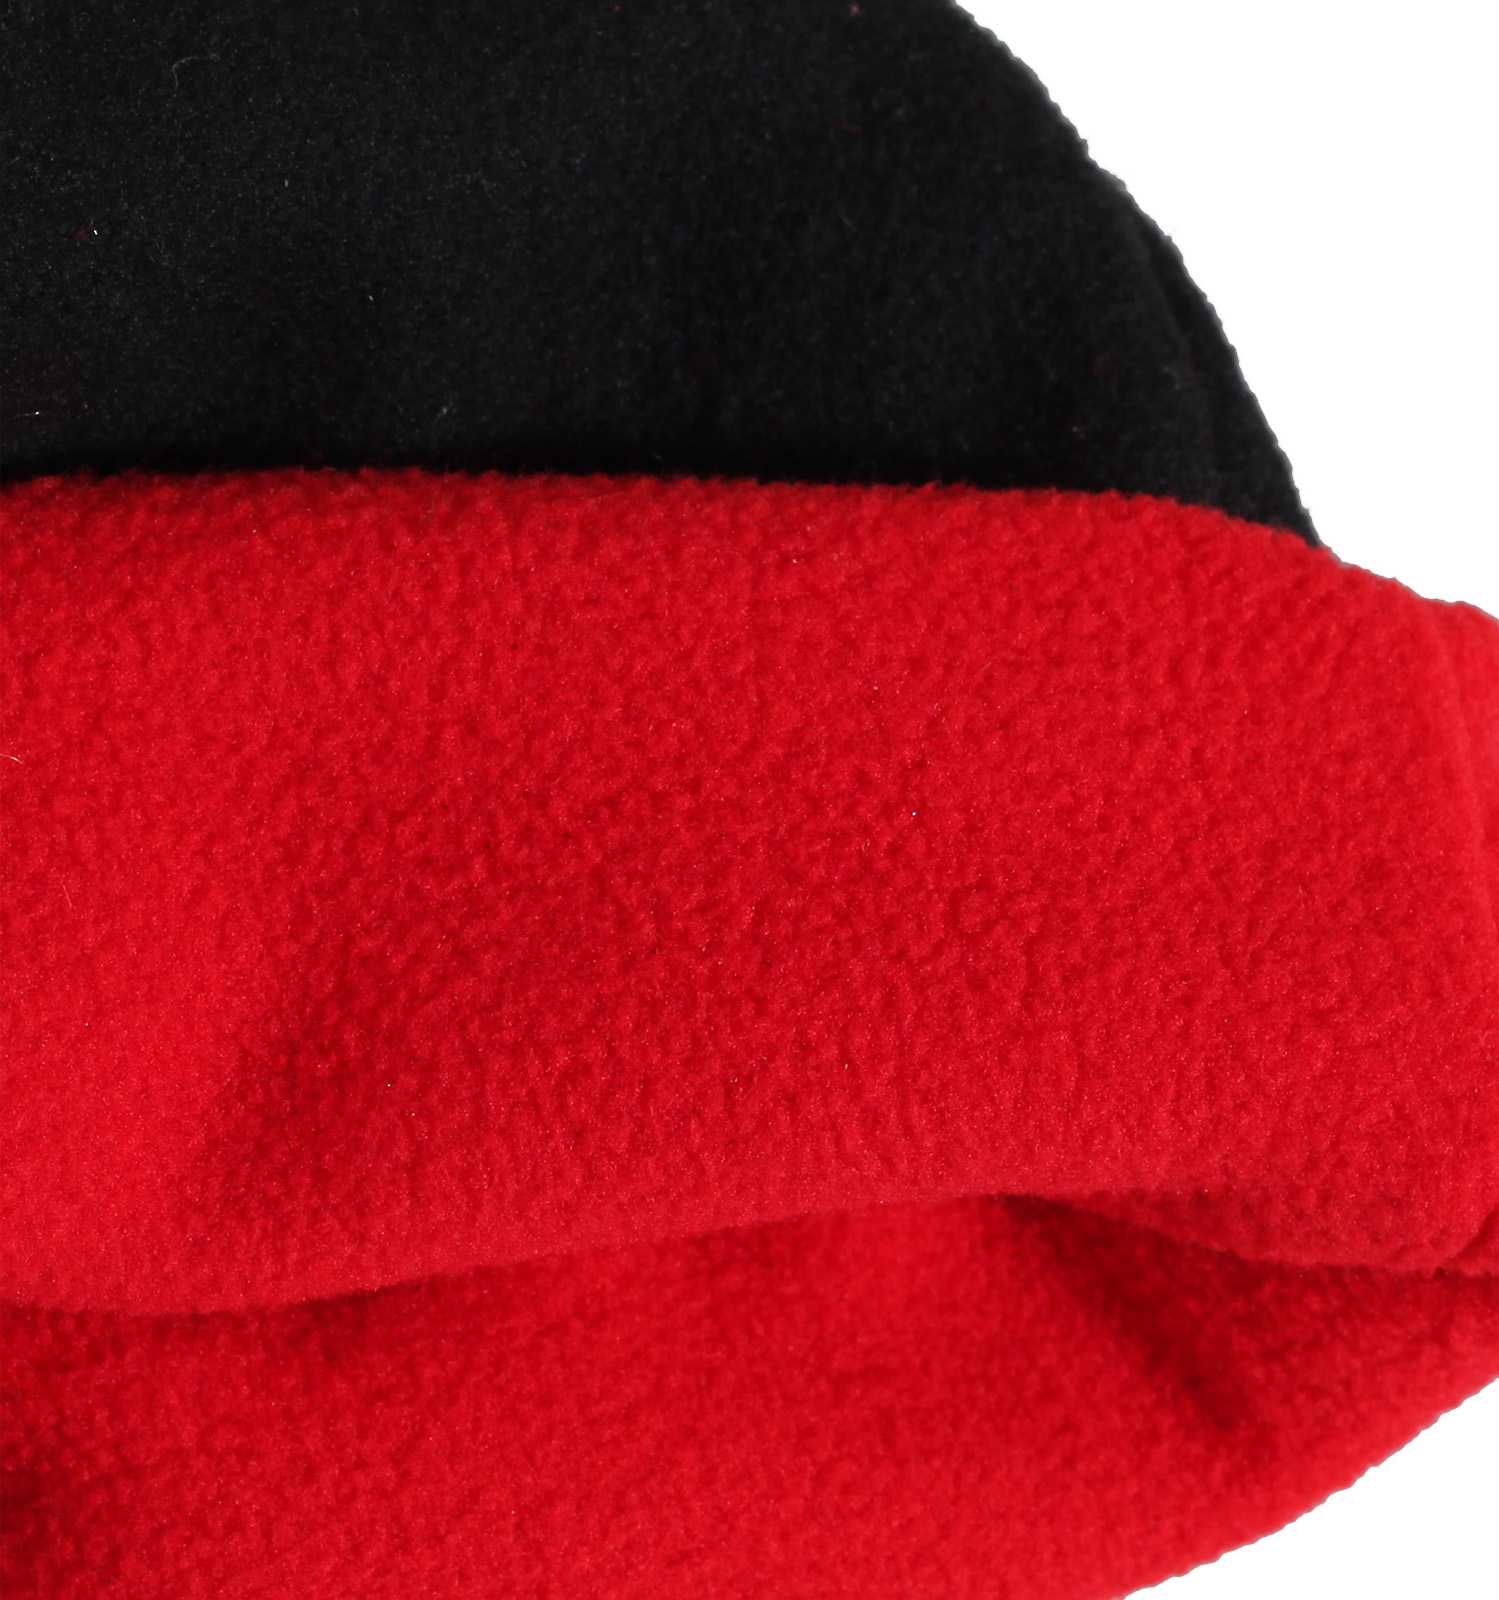 Купить мужскую флисовую шапку бини для занятий спортом утепленную флисом по лучшей цене